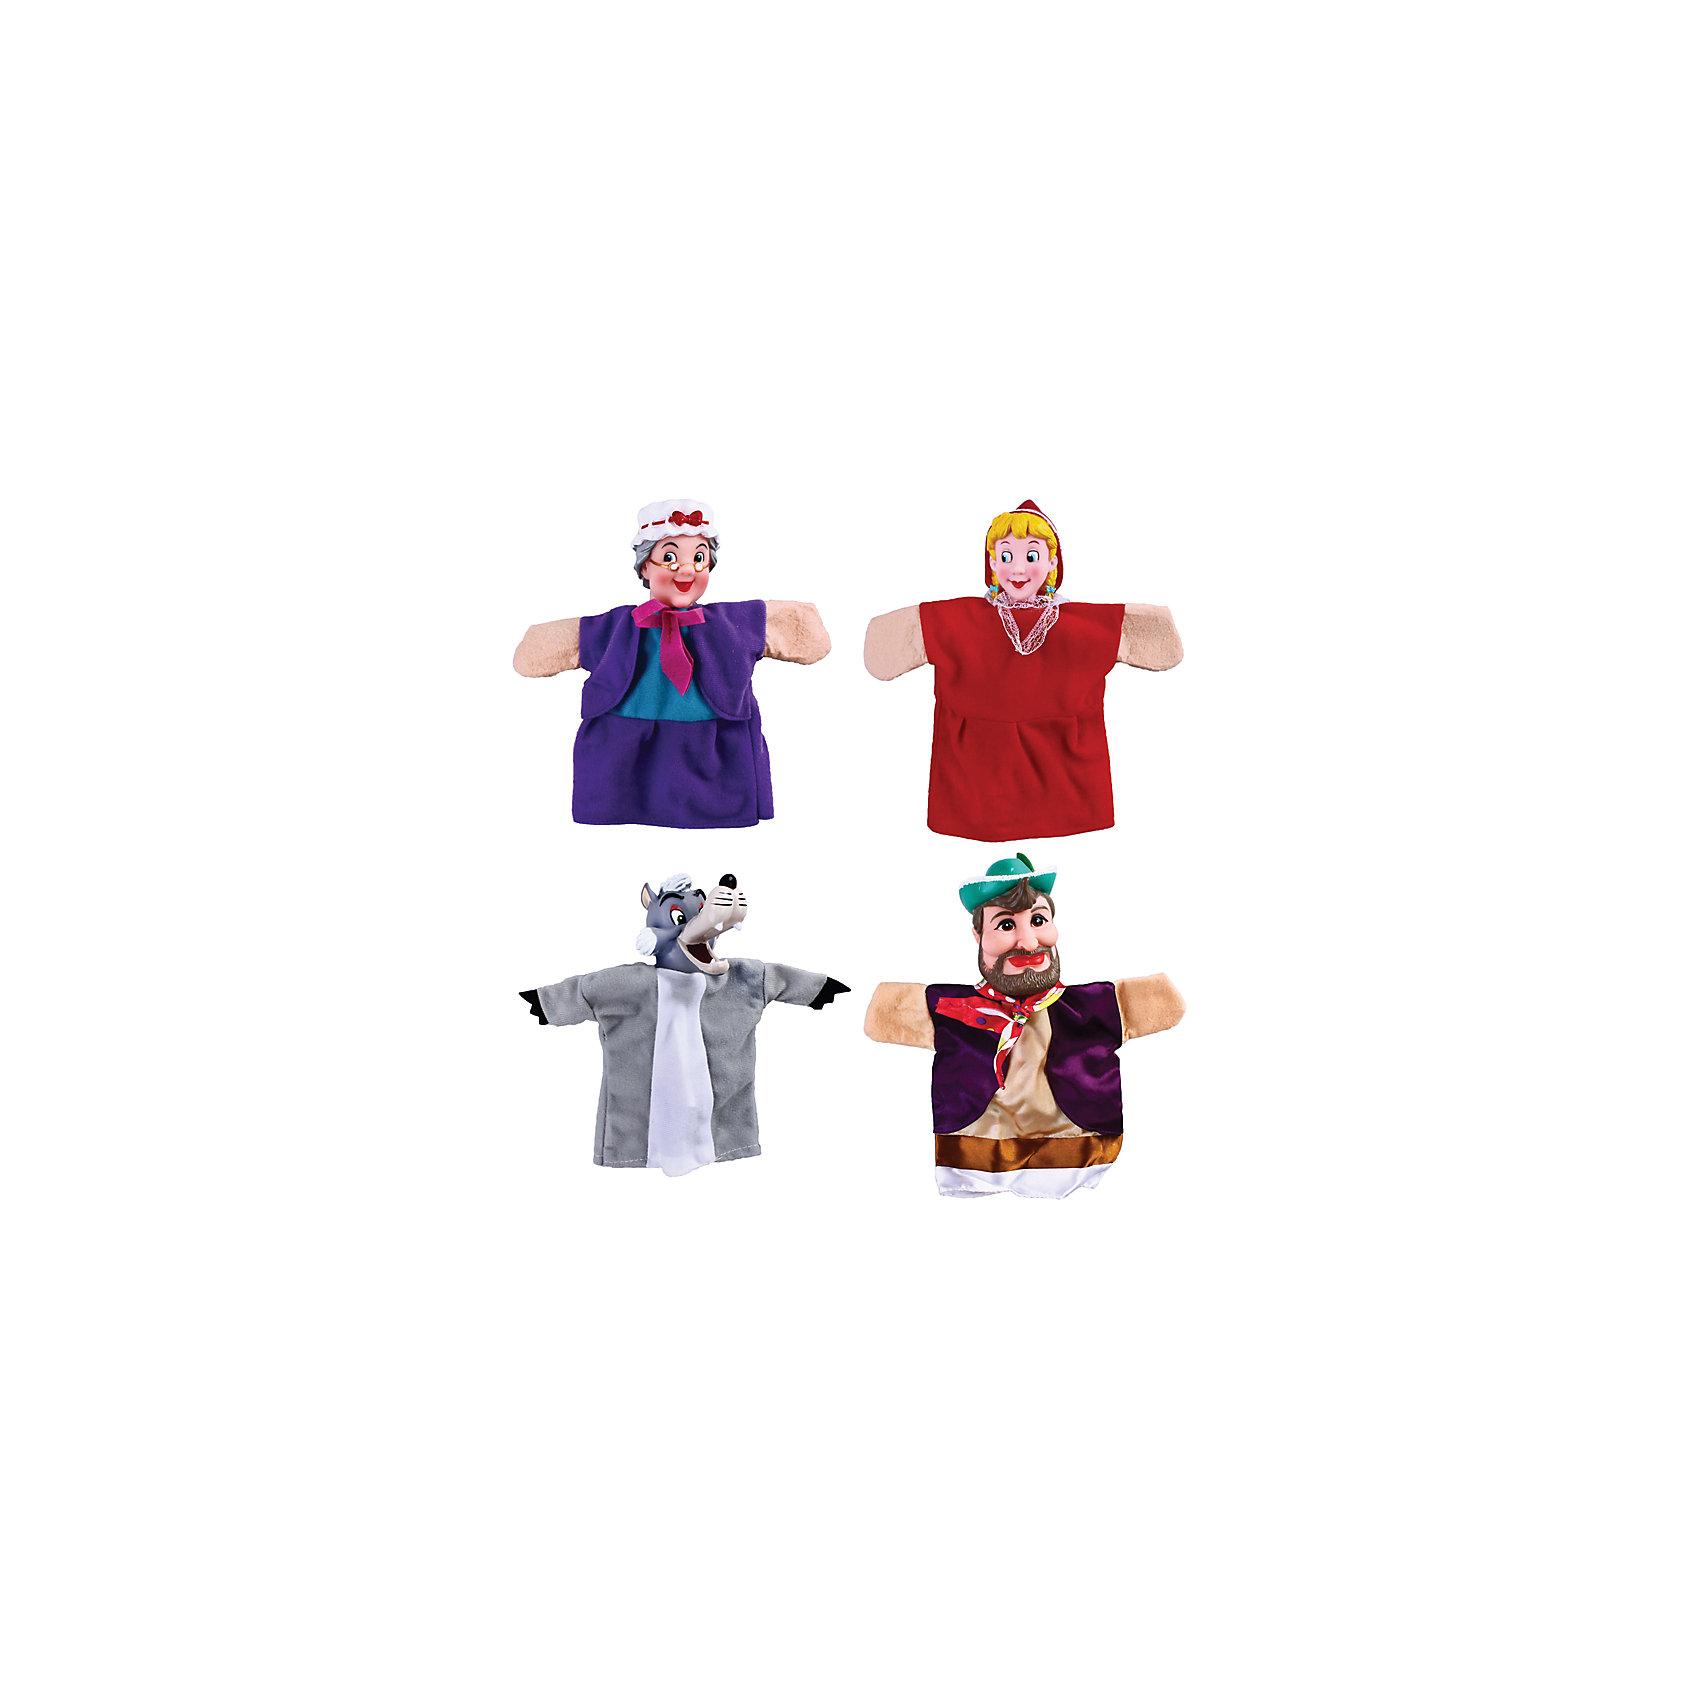 Жирафики Кукольный театр Красная шапочка, 4 куклы, Жирафики раннее развитие айрис пресс волшебный театр красная шапочка